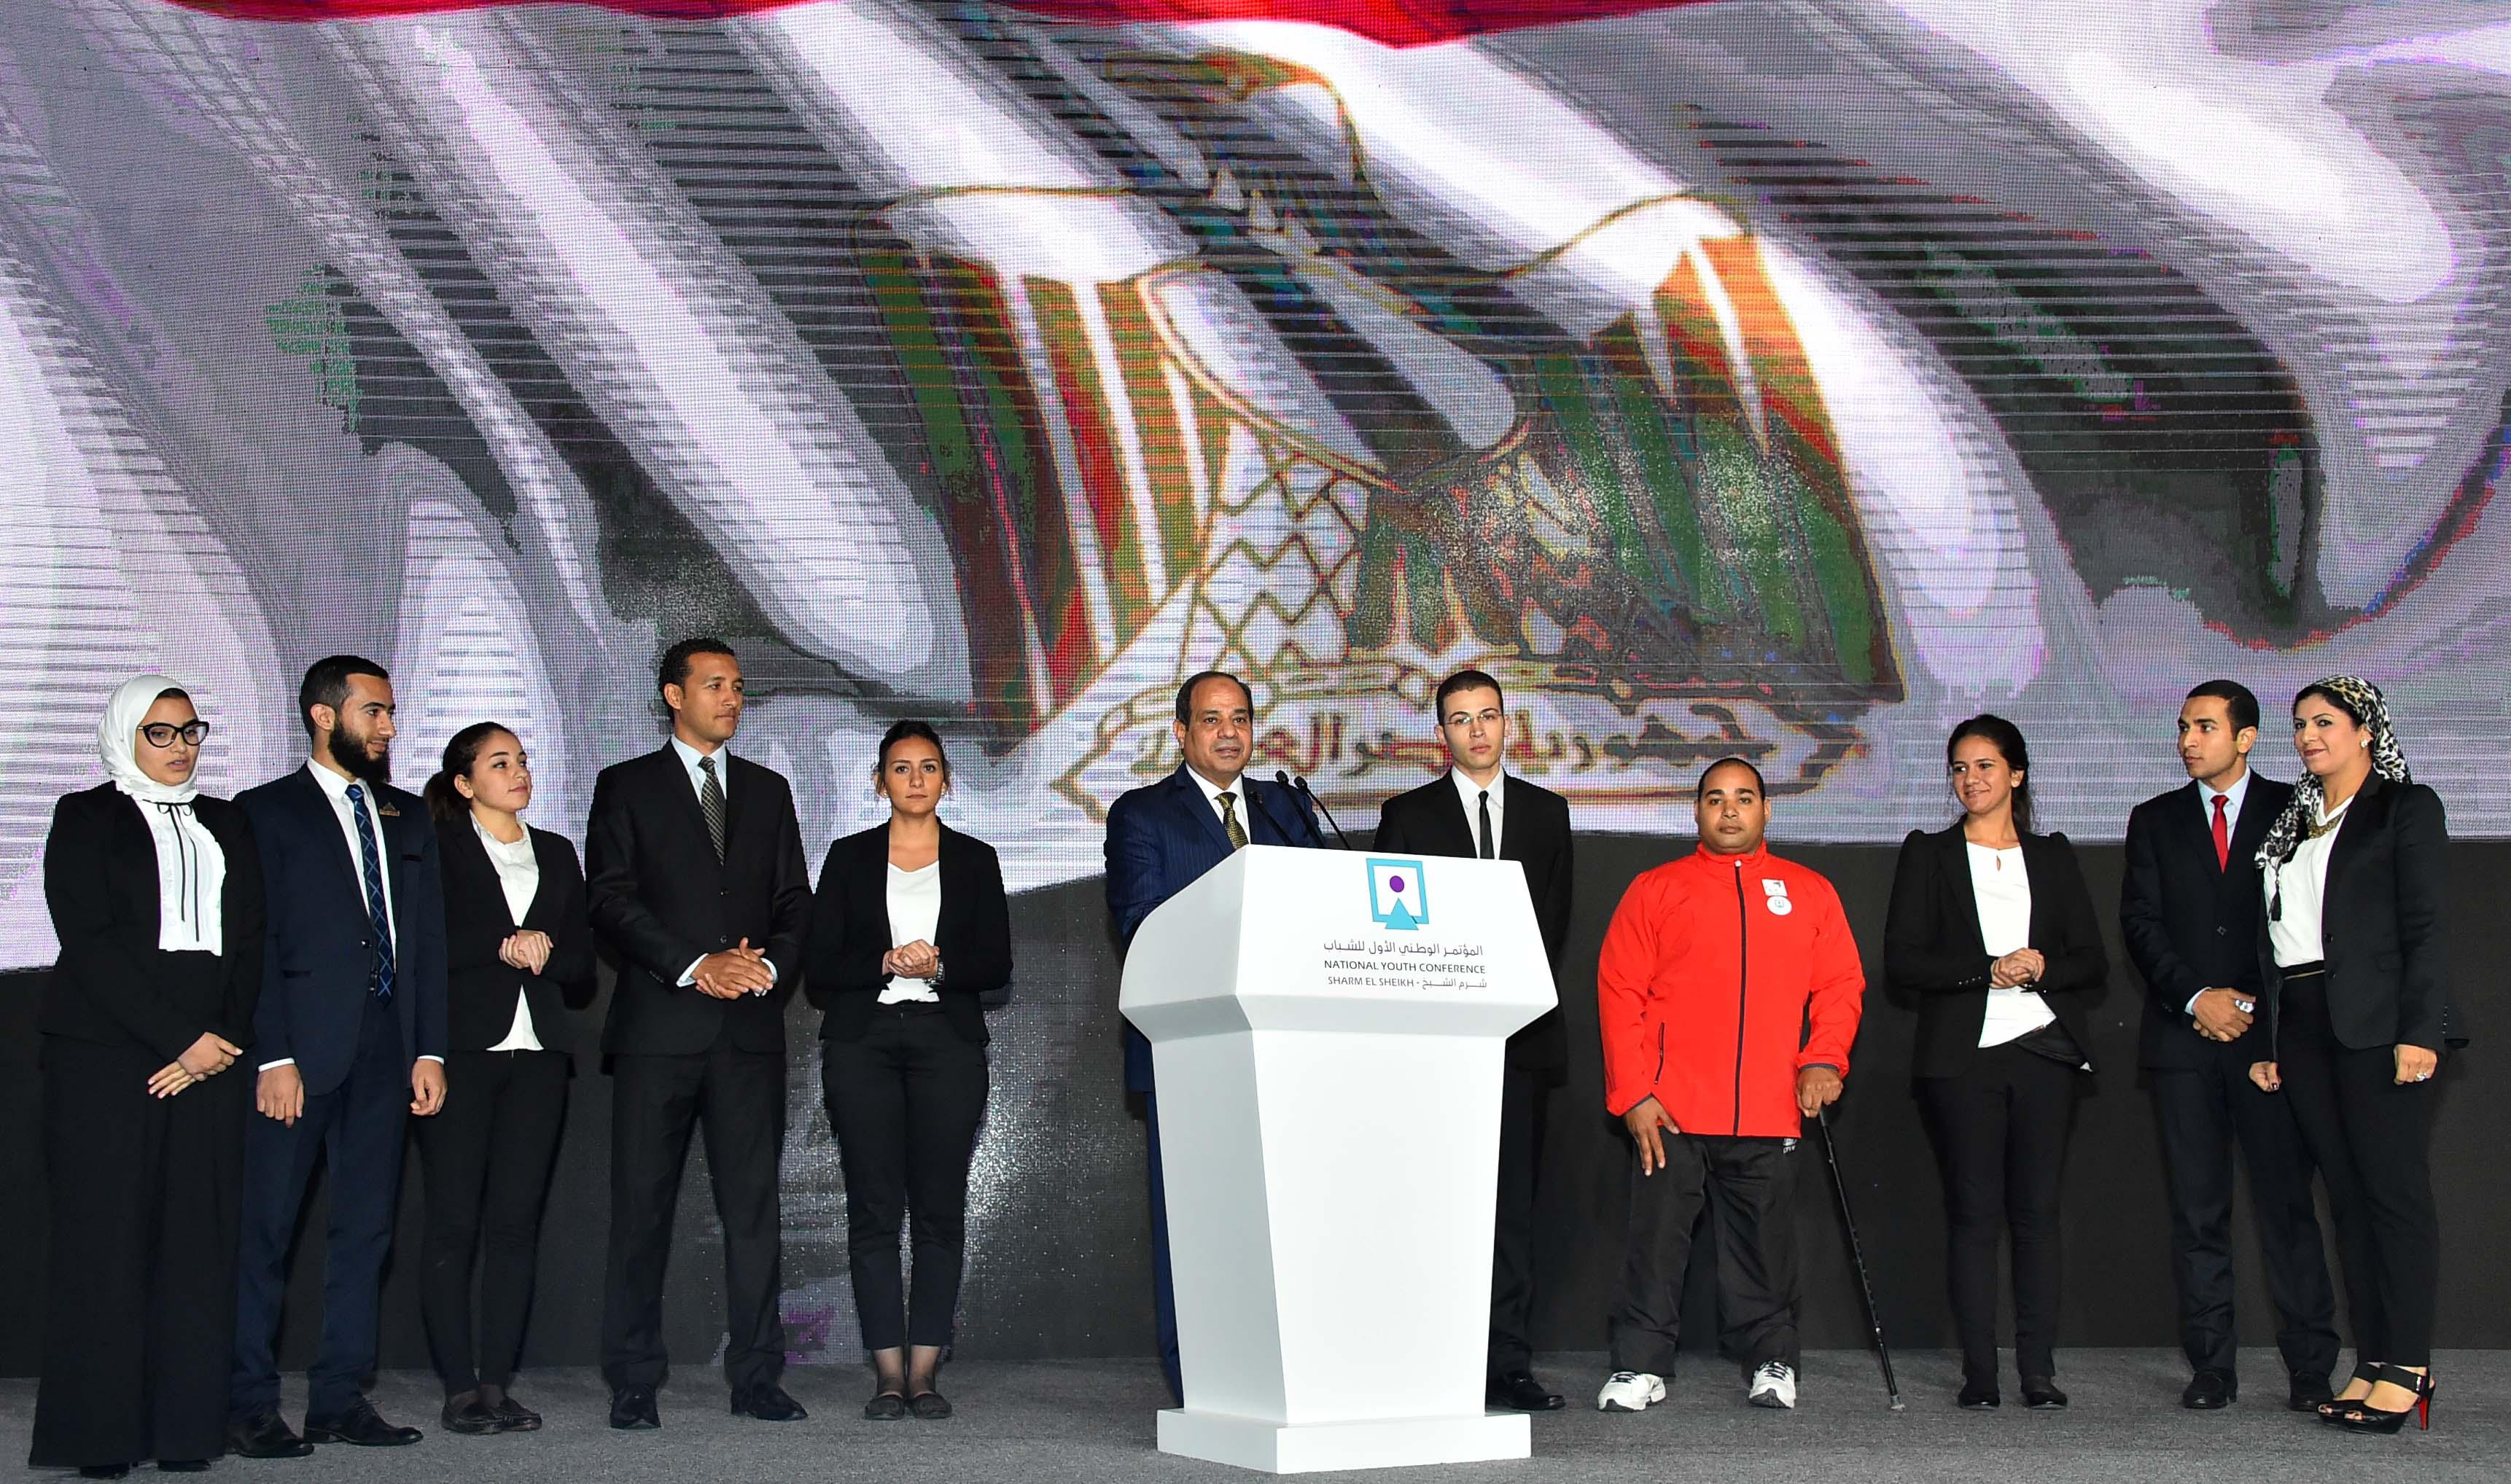 افتتاح مؤتمر الشباب (13)